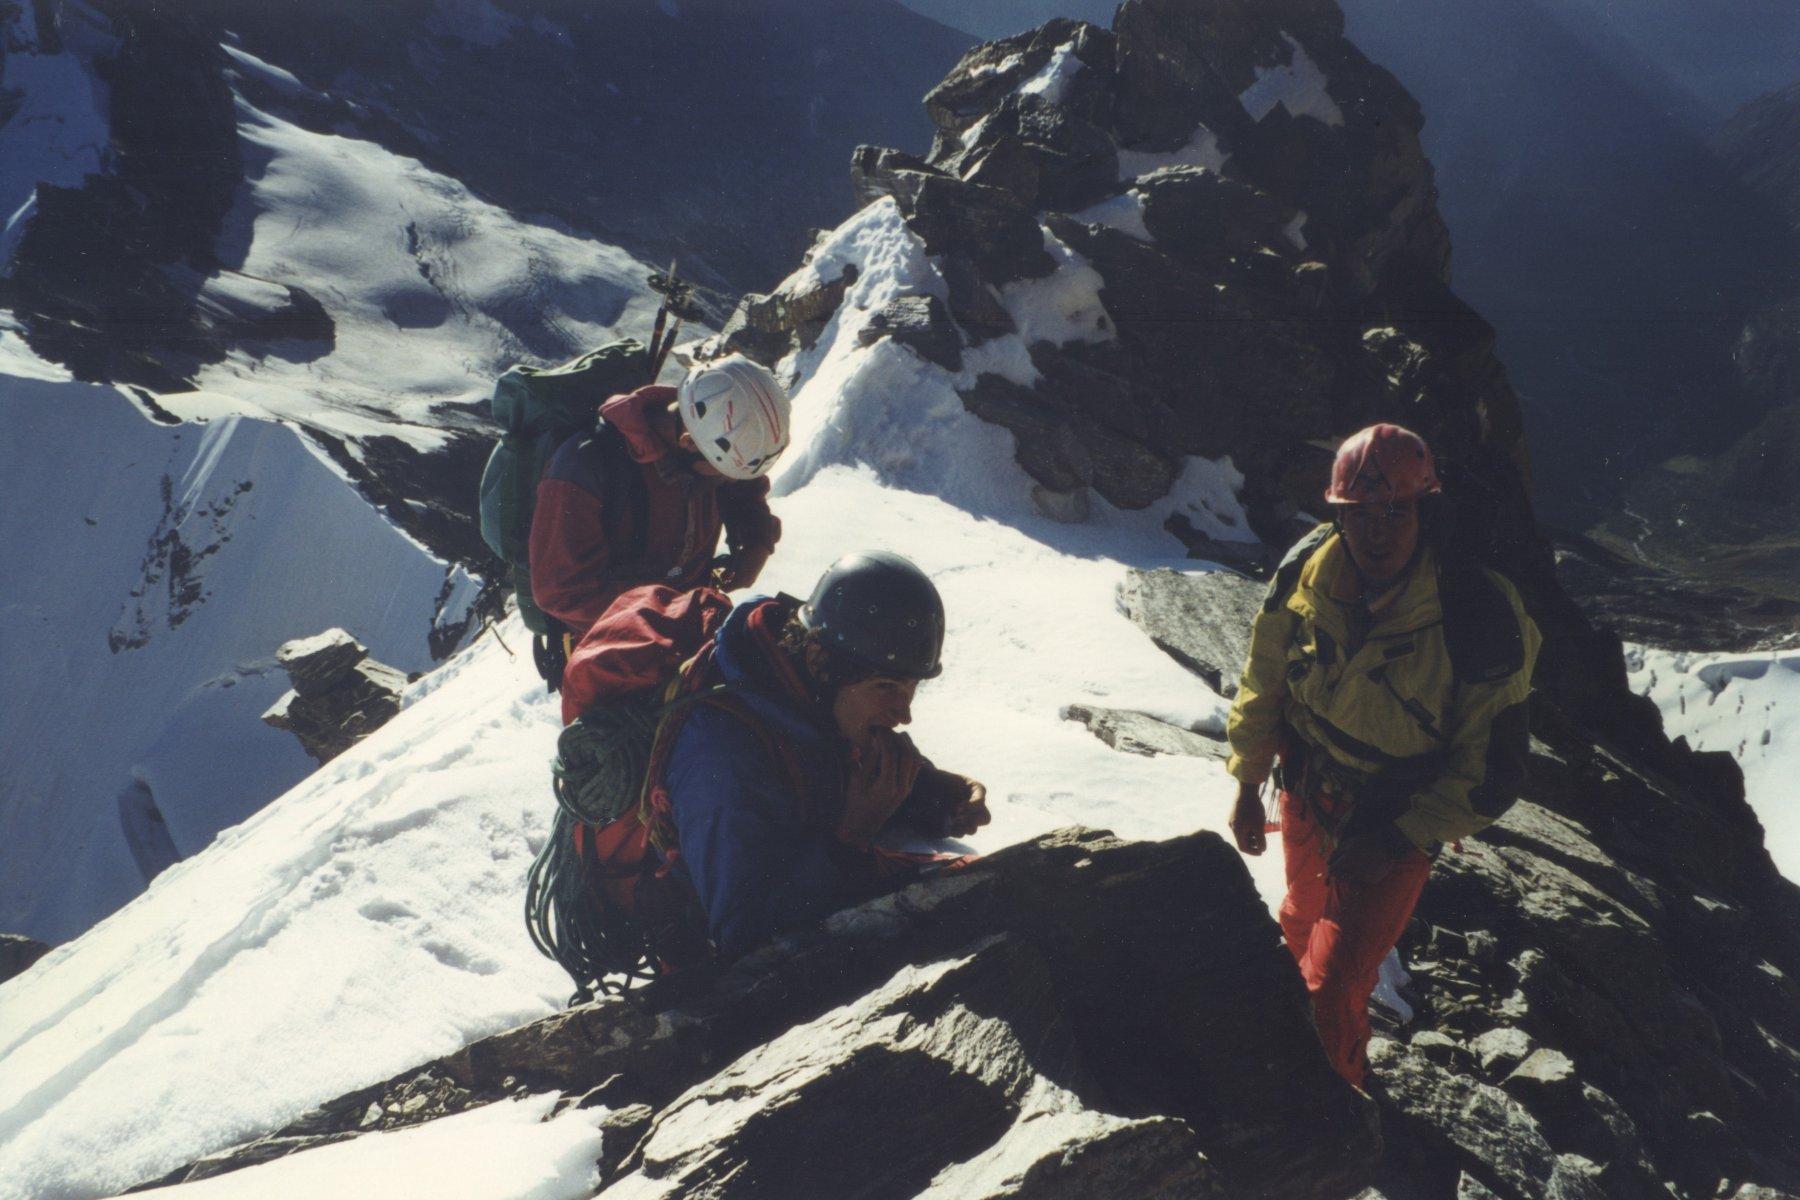 Roberto, Nicola e altro alpinista